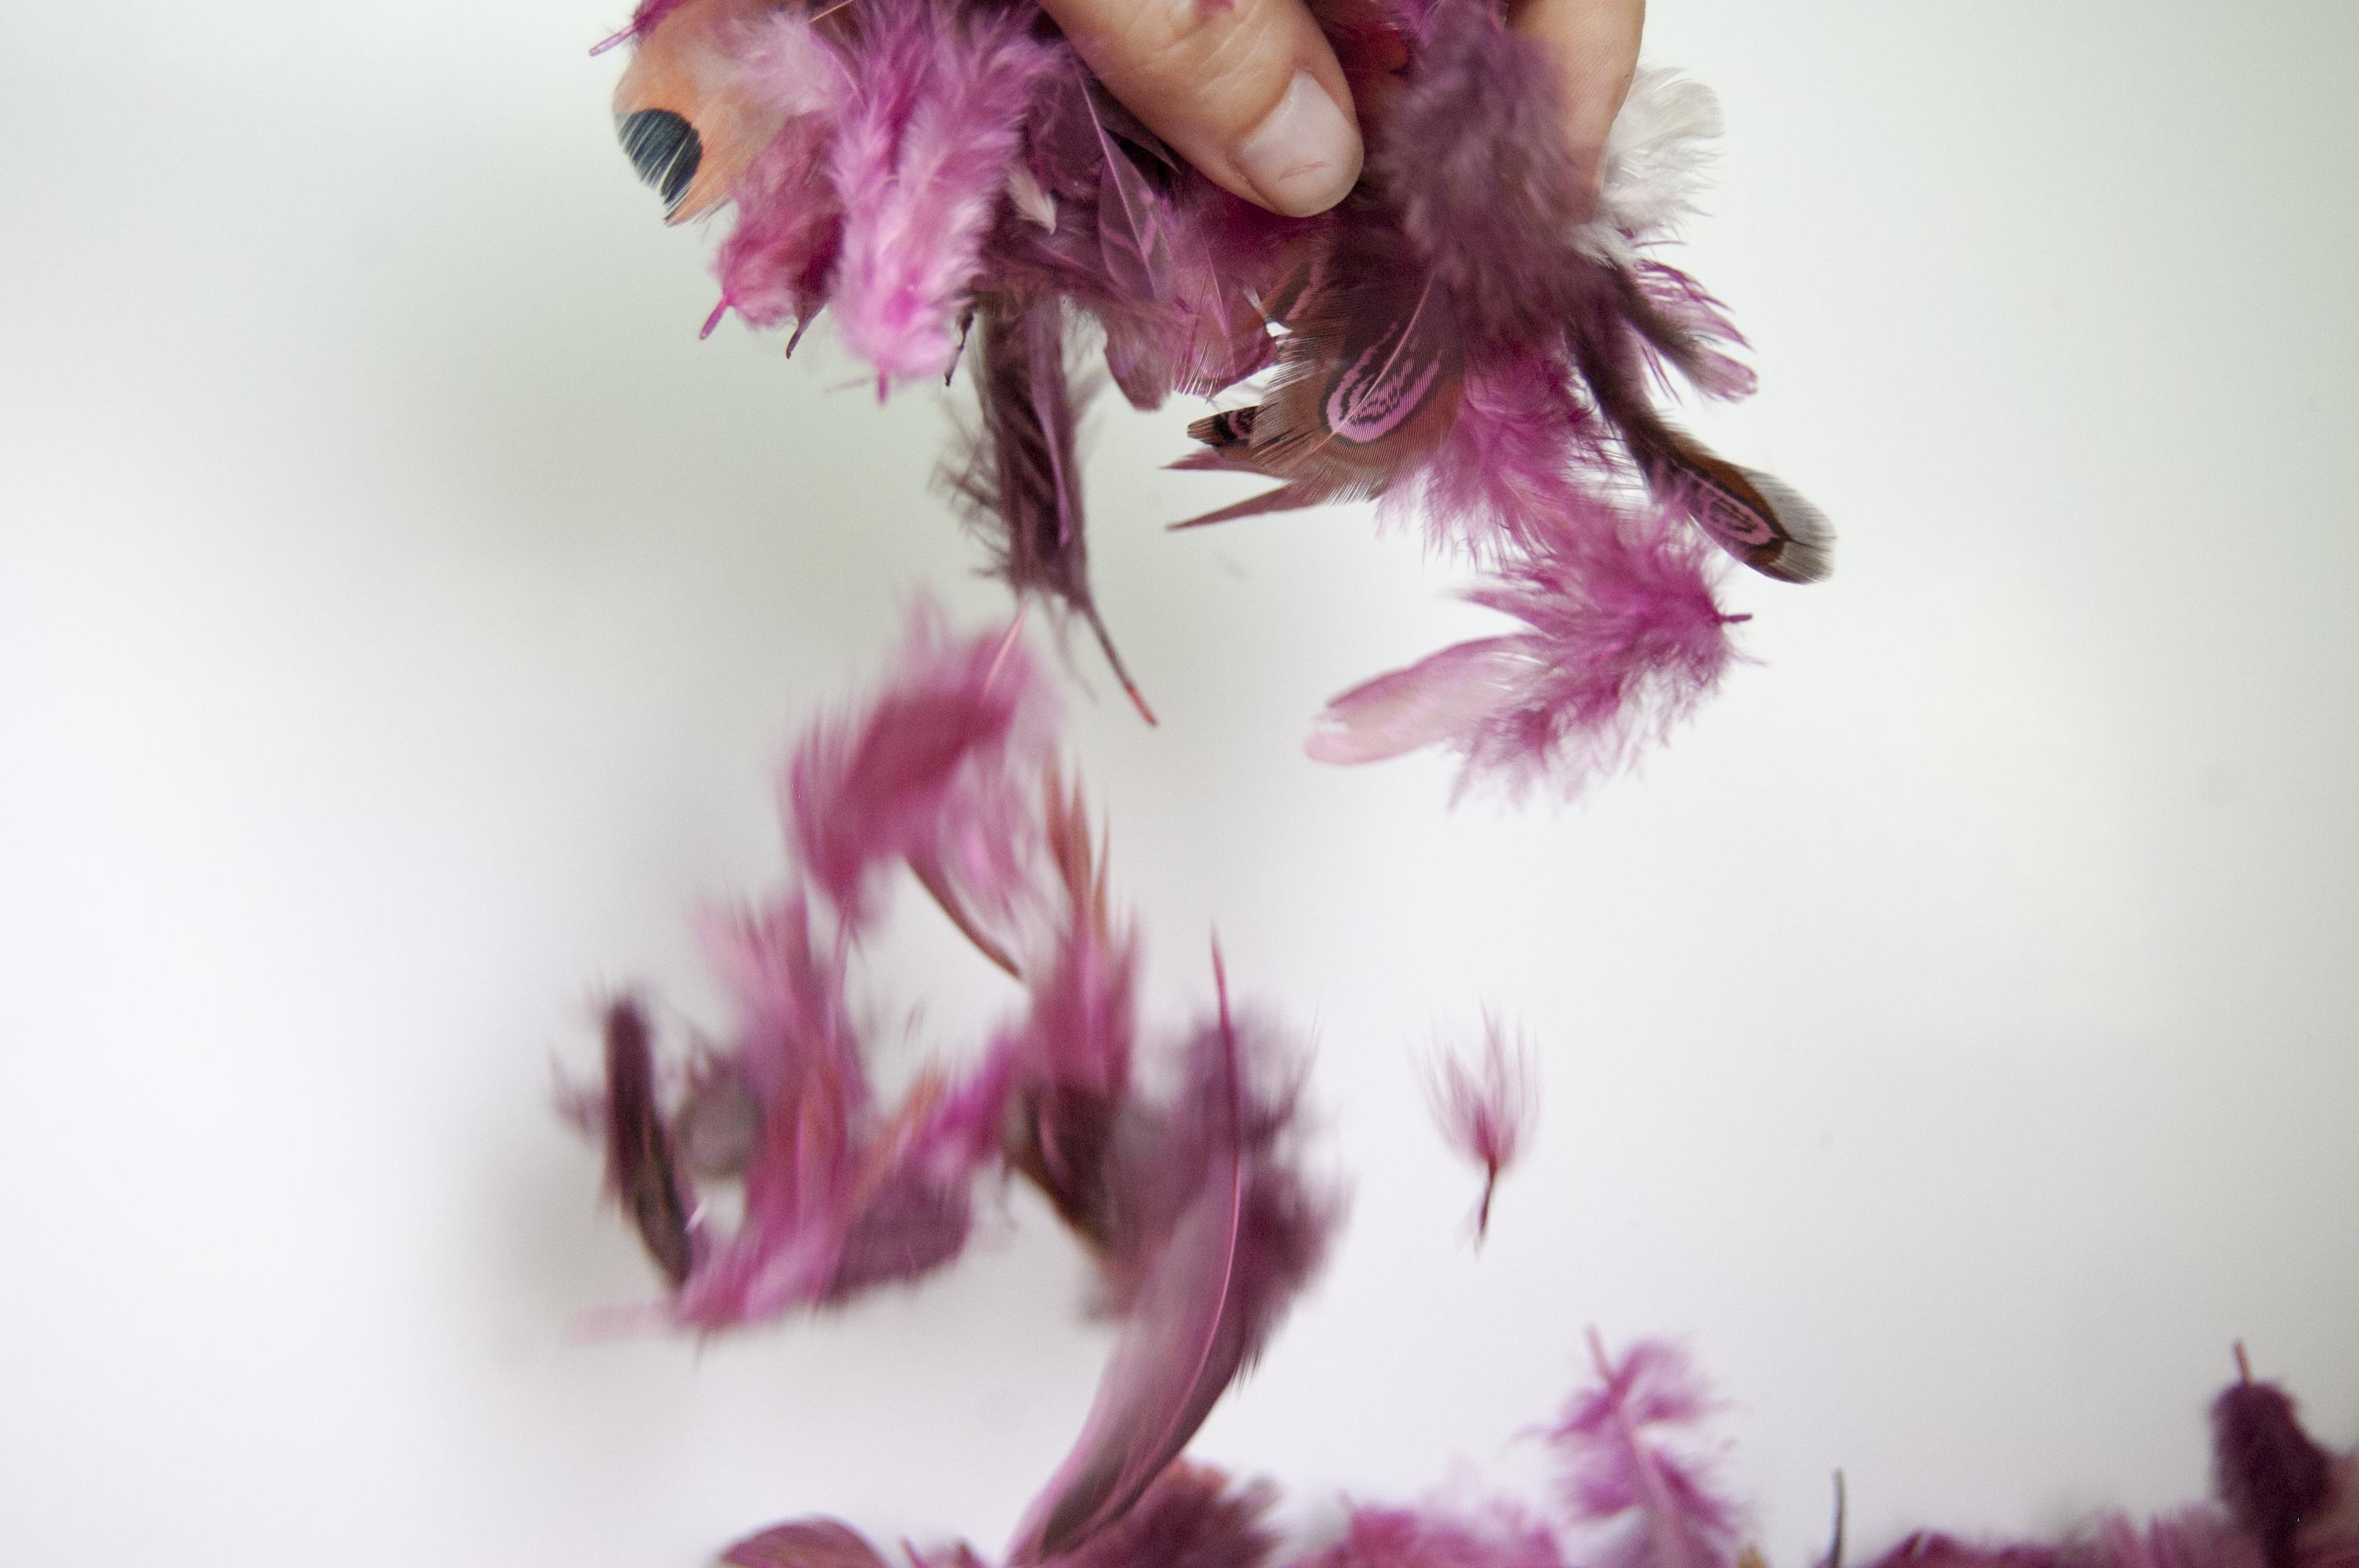 Llega Piumarela, una firma de moda donde las plumas son las protagonistas